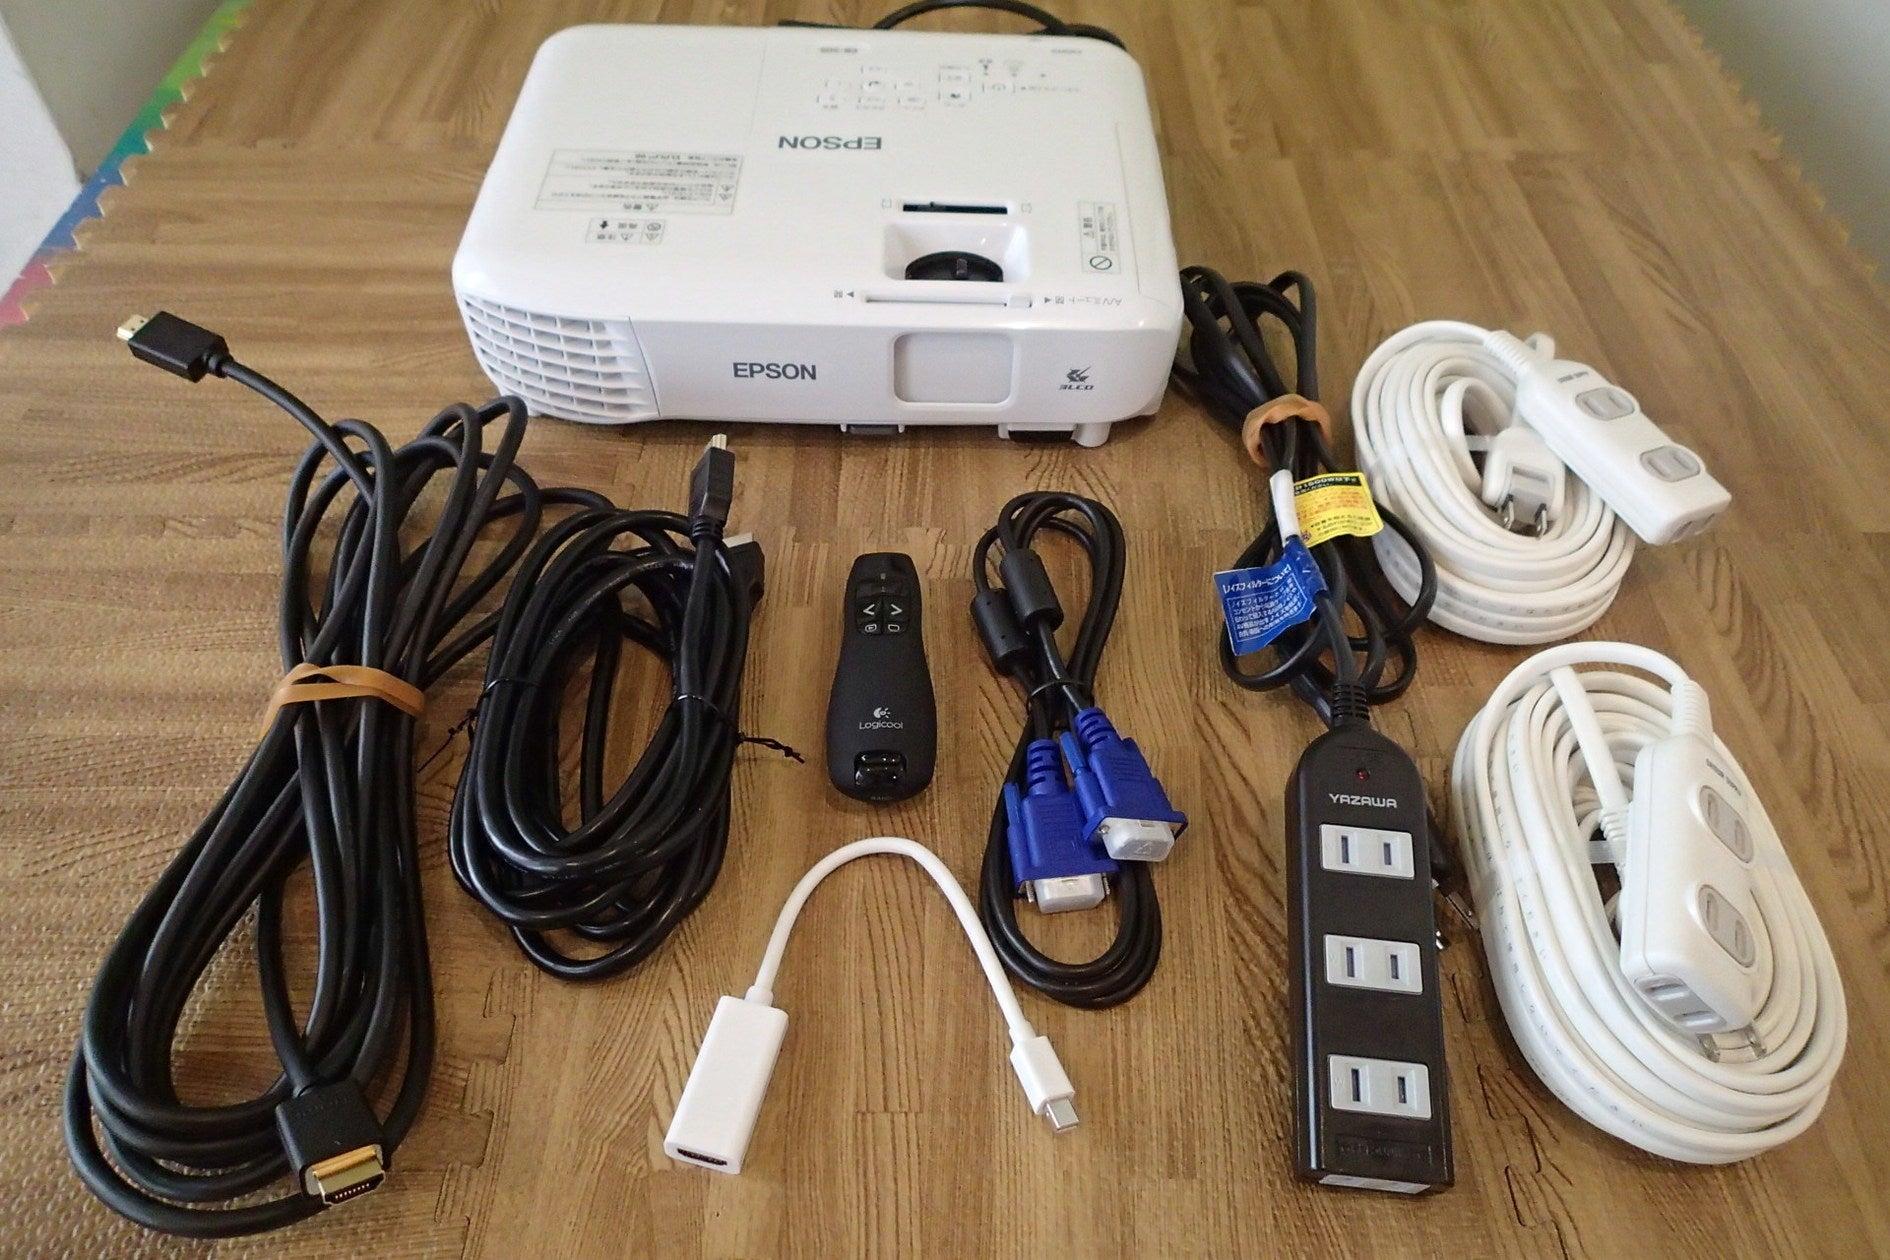 標準備品一覧です。プロジェクター、HDMIケーブル(5M,2M)、レーザーポインター(USBリモコン付き)、MACコネクター、15ピンケーブル、電源延長ケーブル(5M、10M2本)